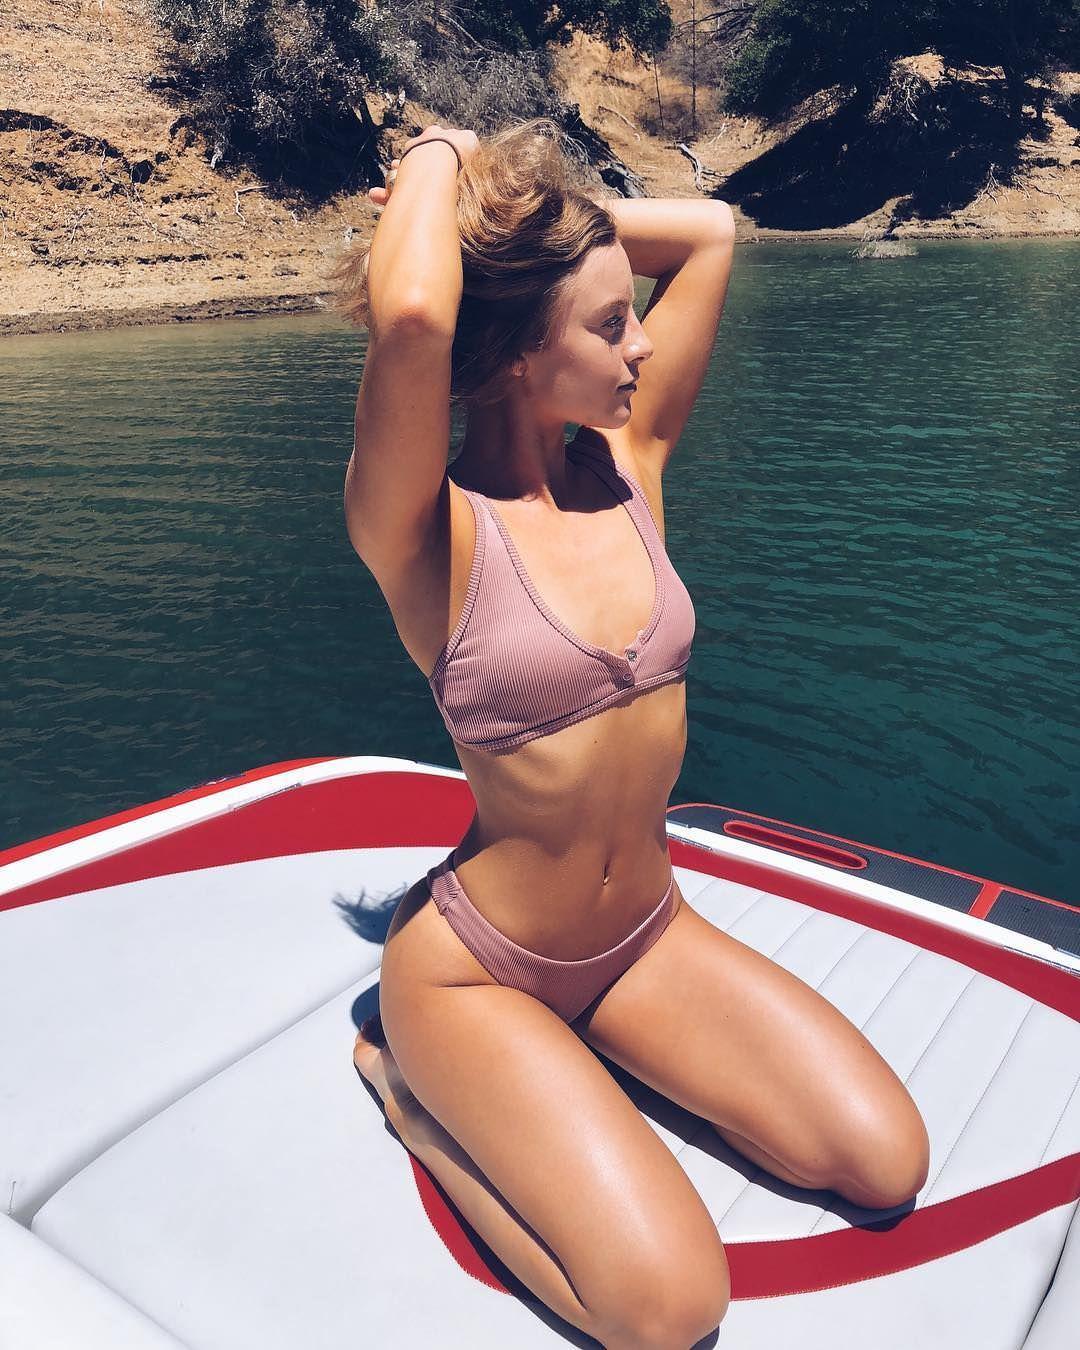 Дейзи Кич фото на воде